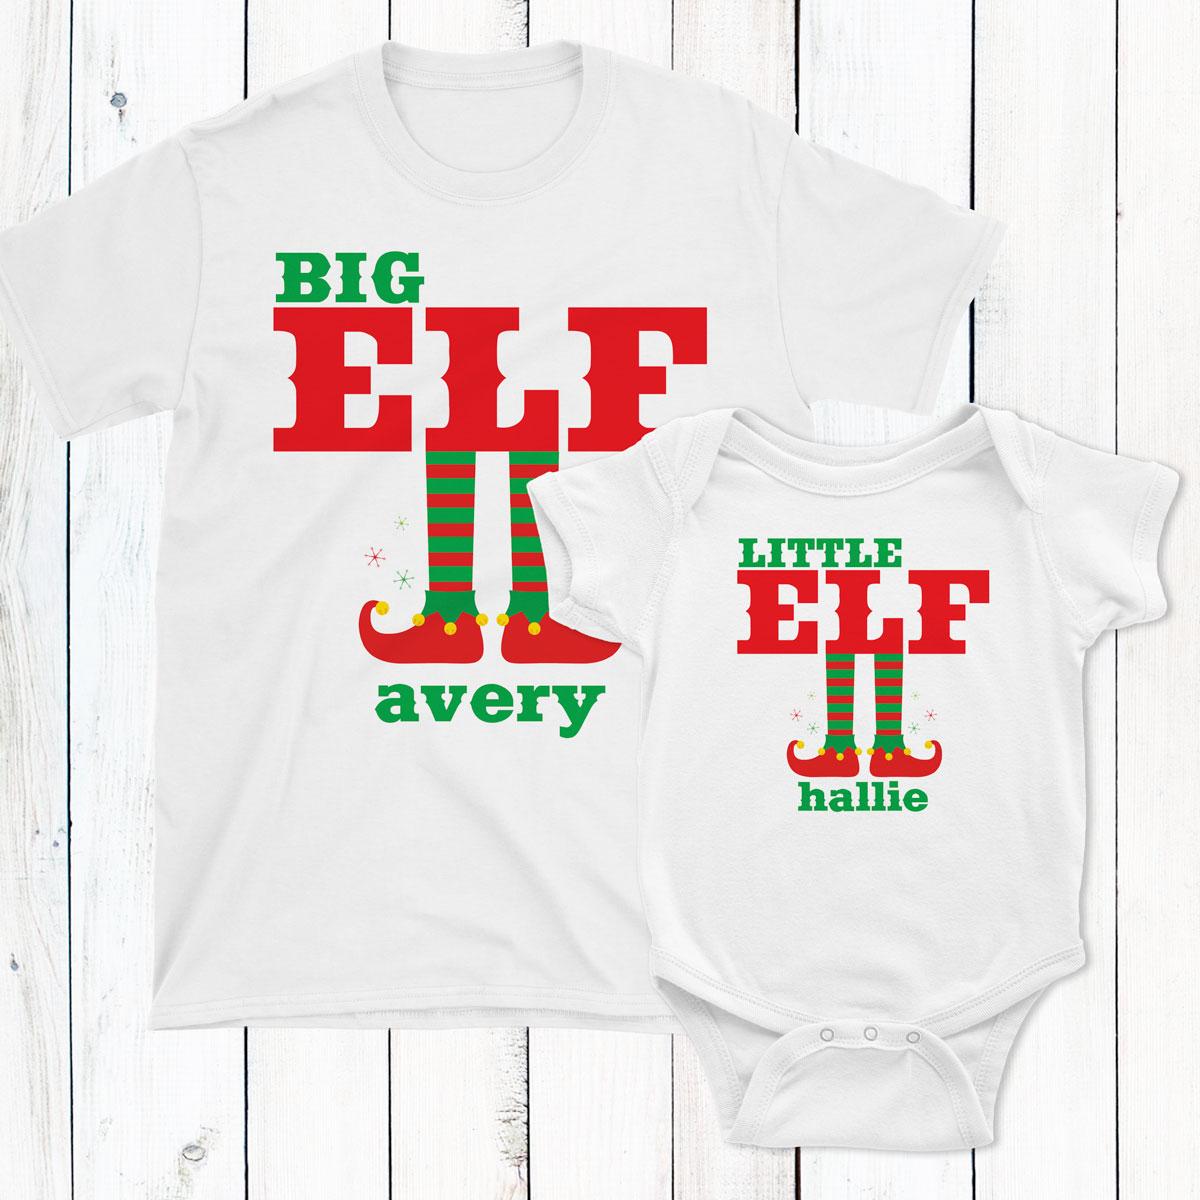 c4b88f72 Personalized Big & Little Elf T-Shirt Set